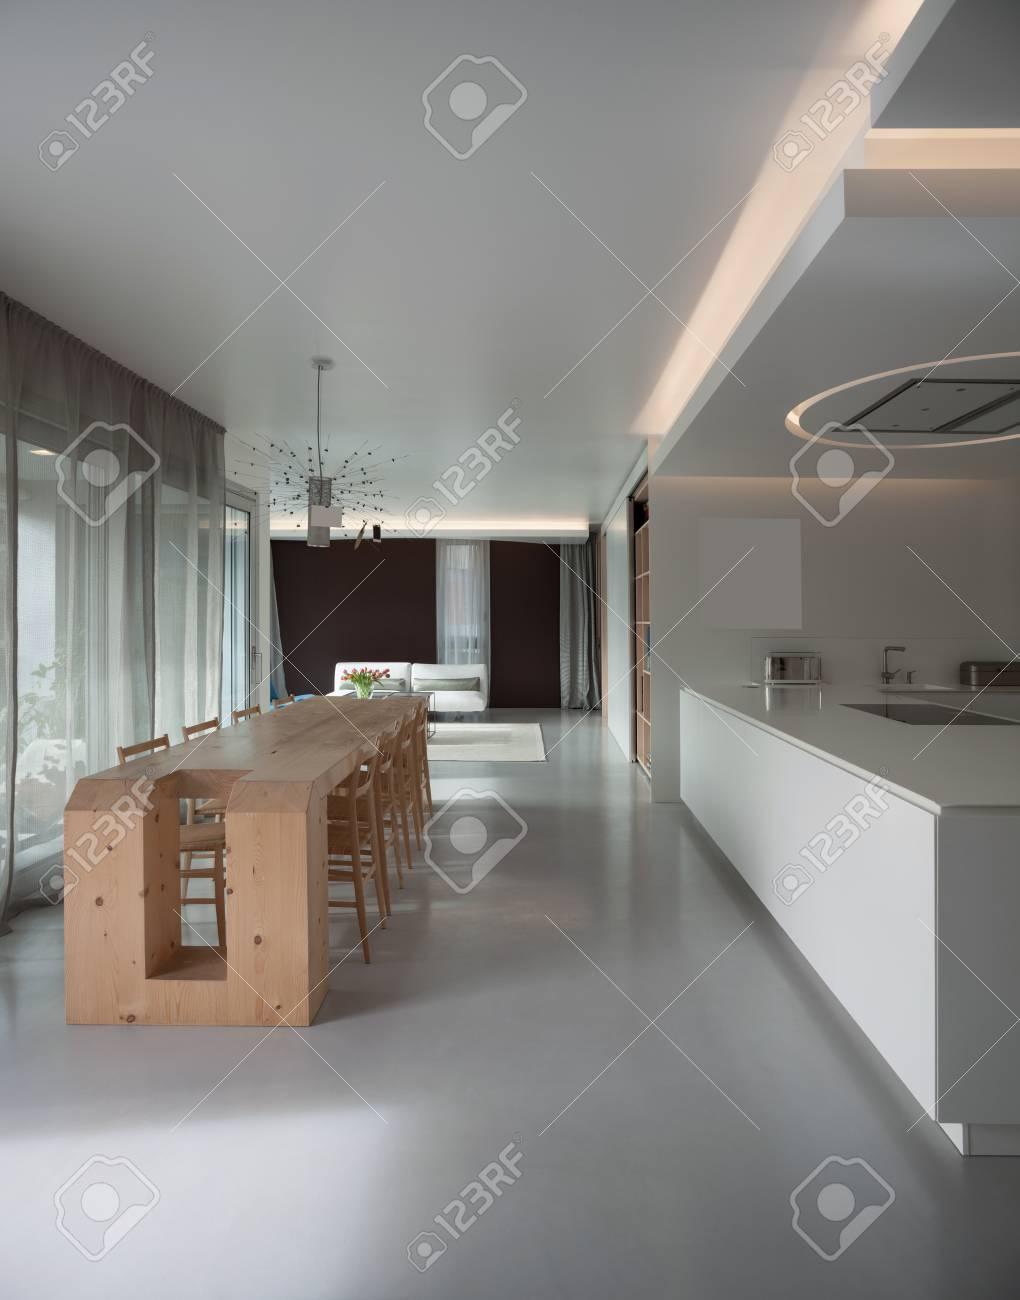 Appartamento di lusso, tavolo da pranzo in legno e cucina moderna